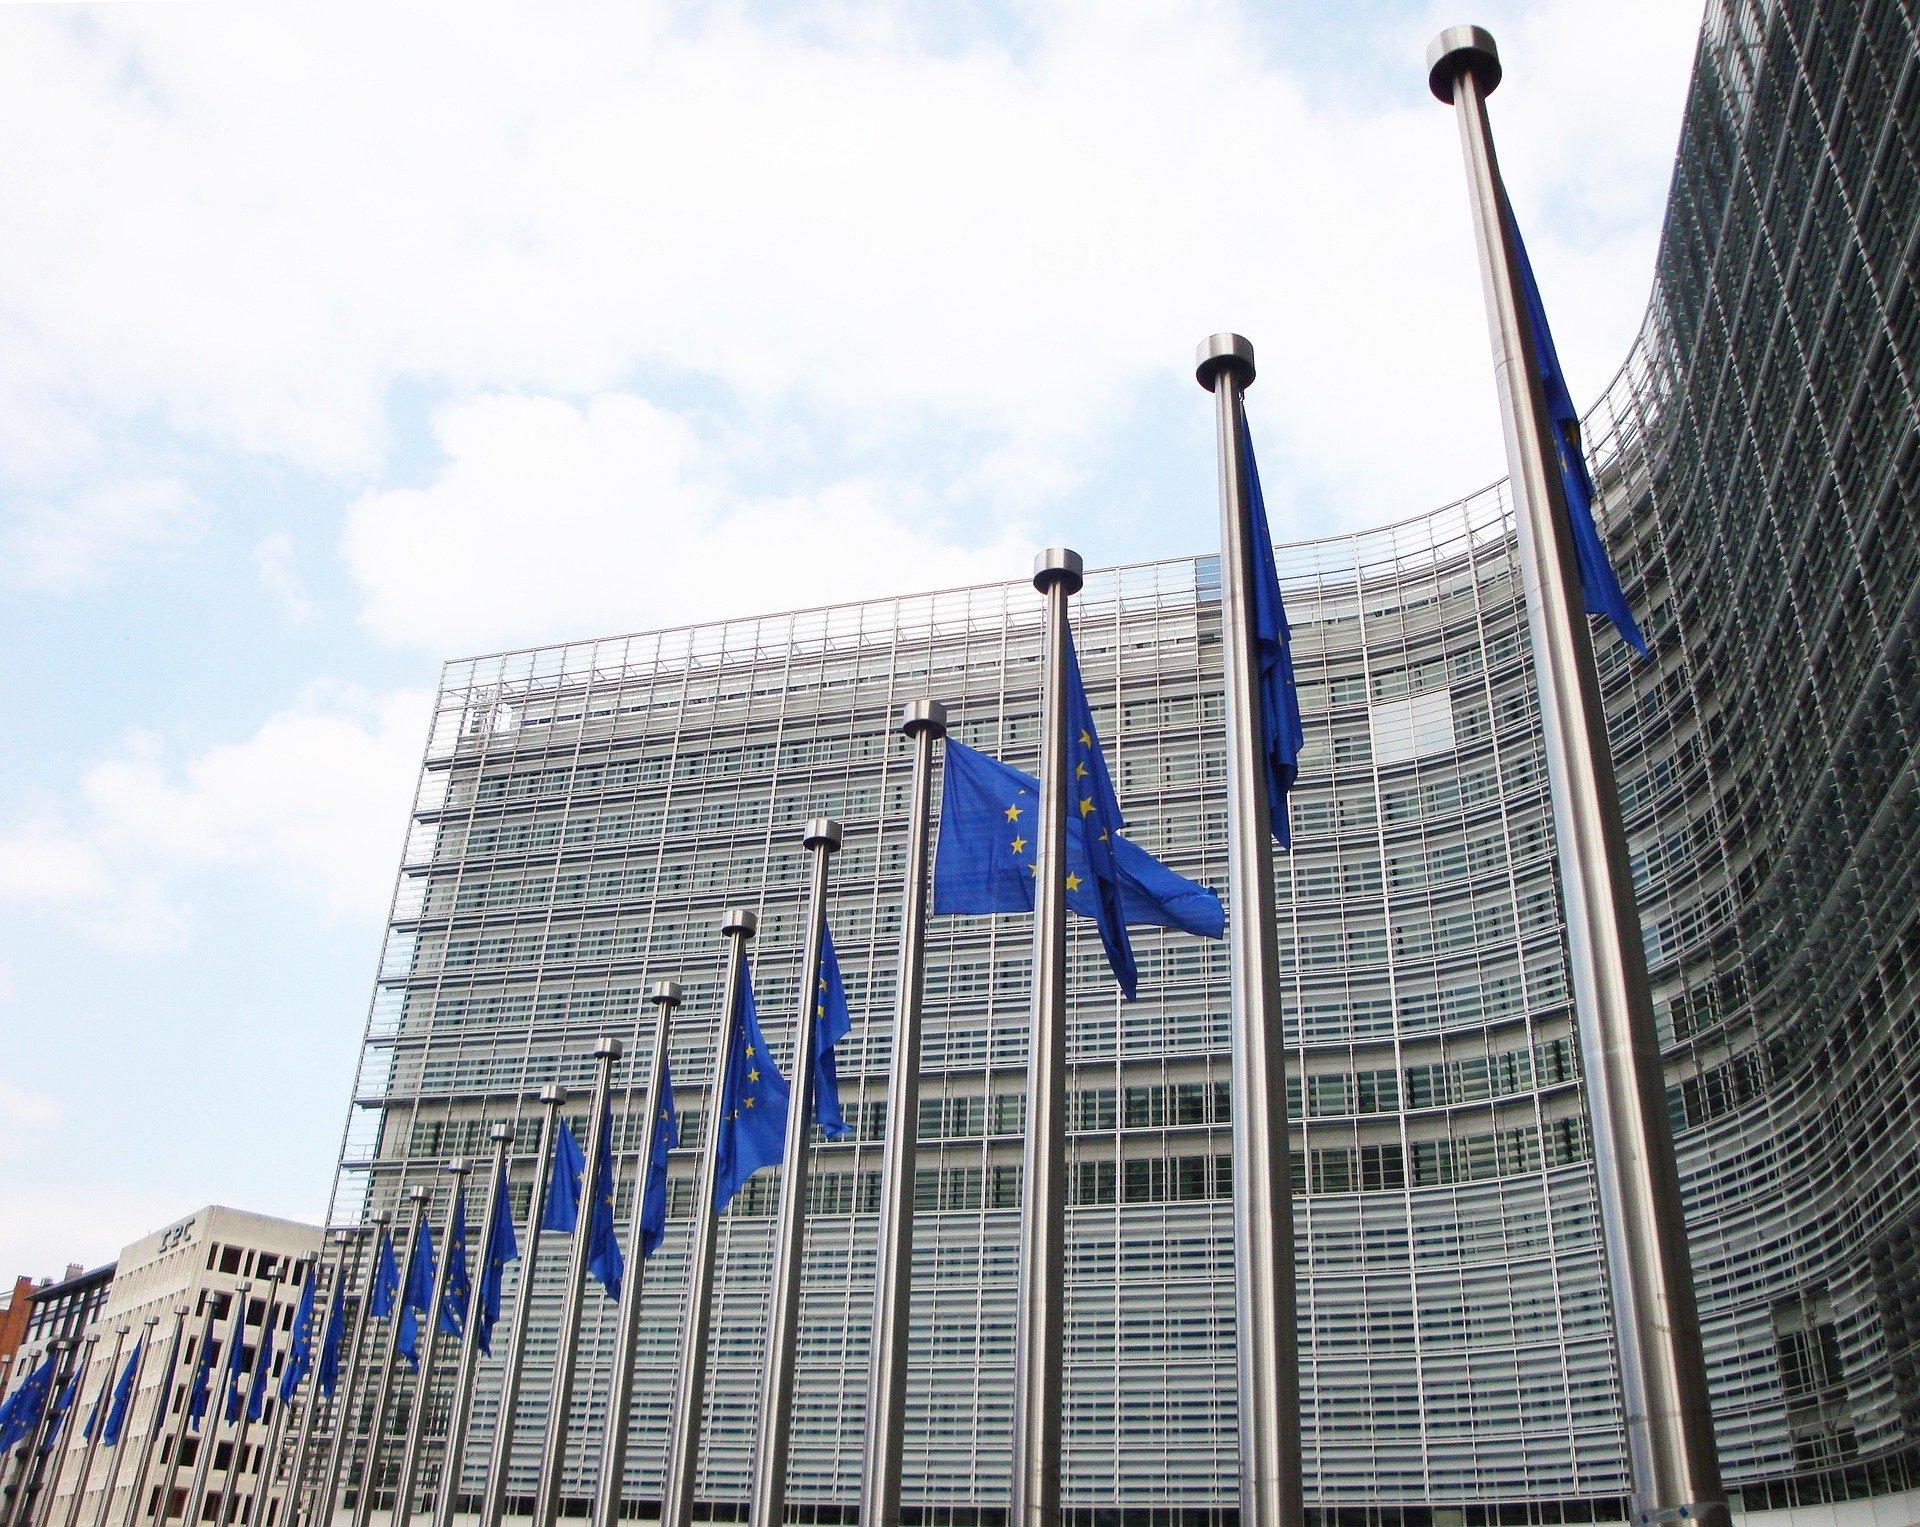 L'Union européenne affronte la pire crise économique de son histoire - (c) Pixabay